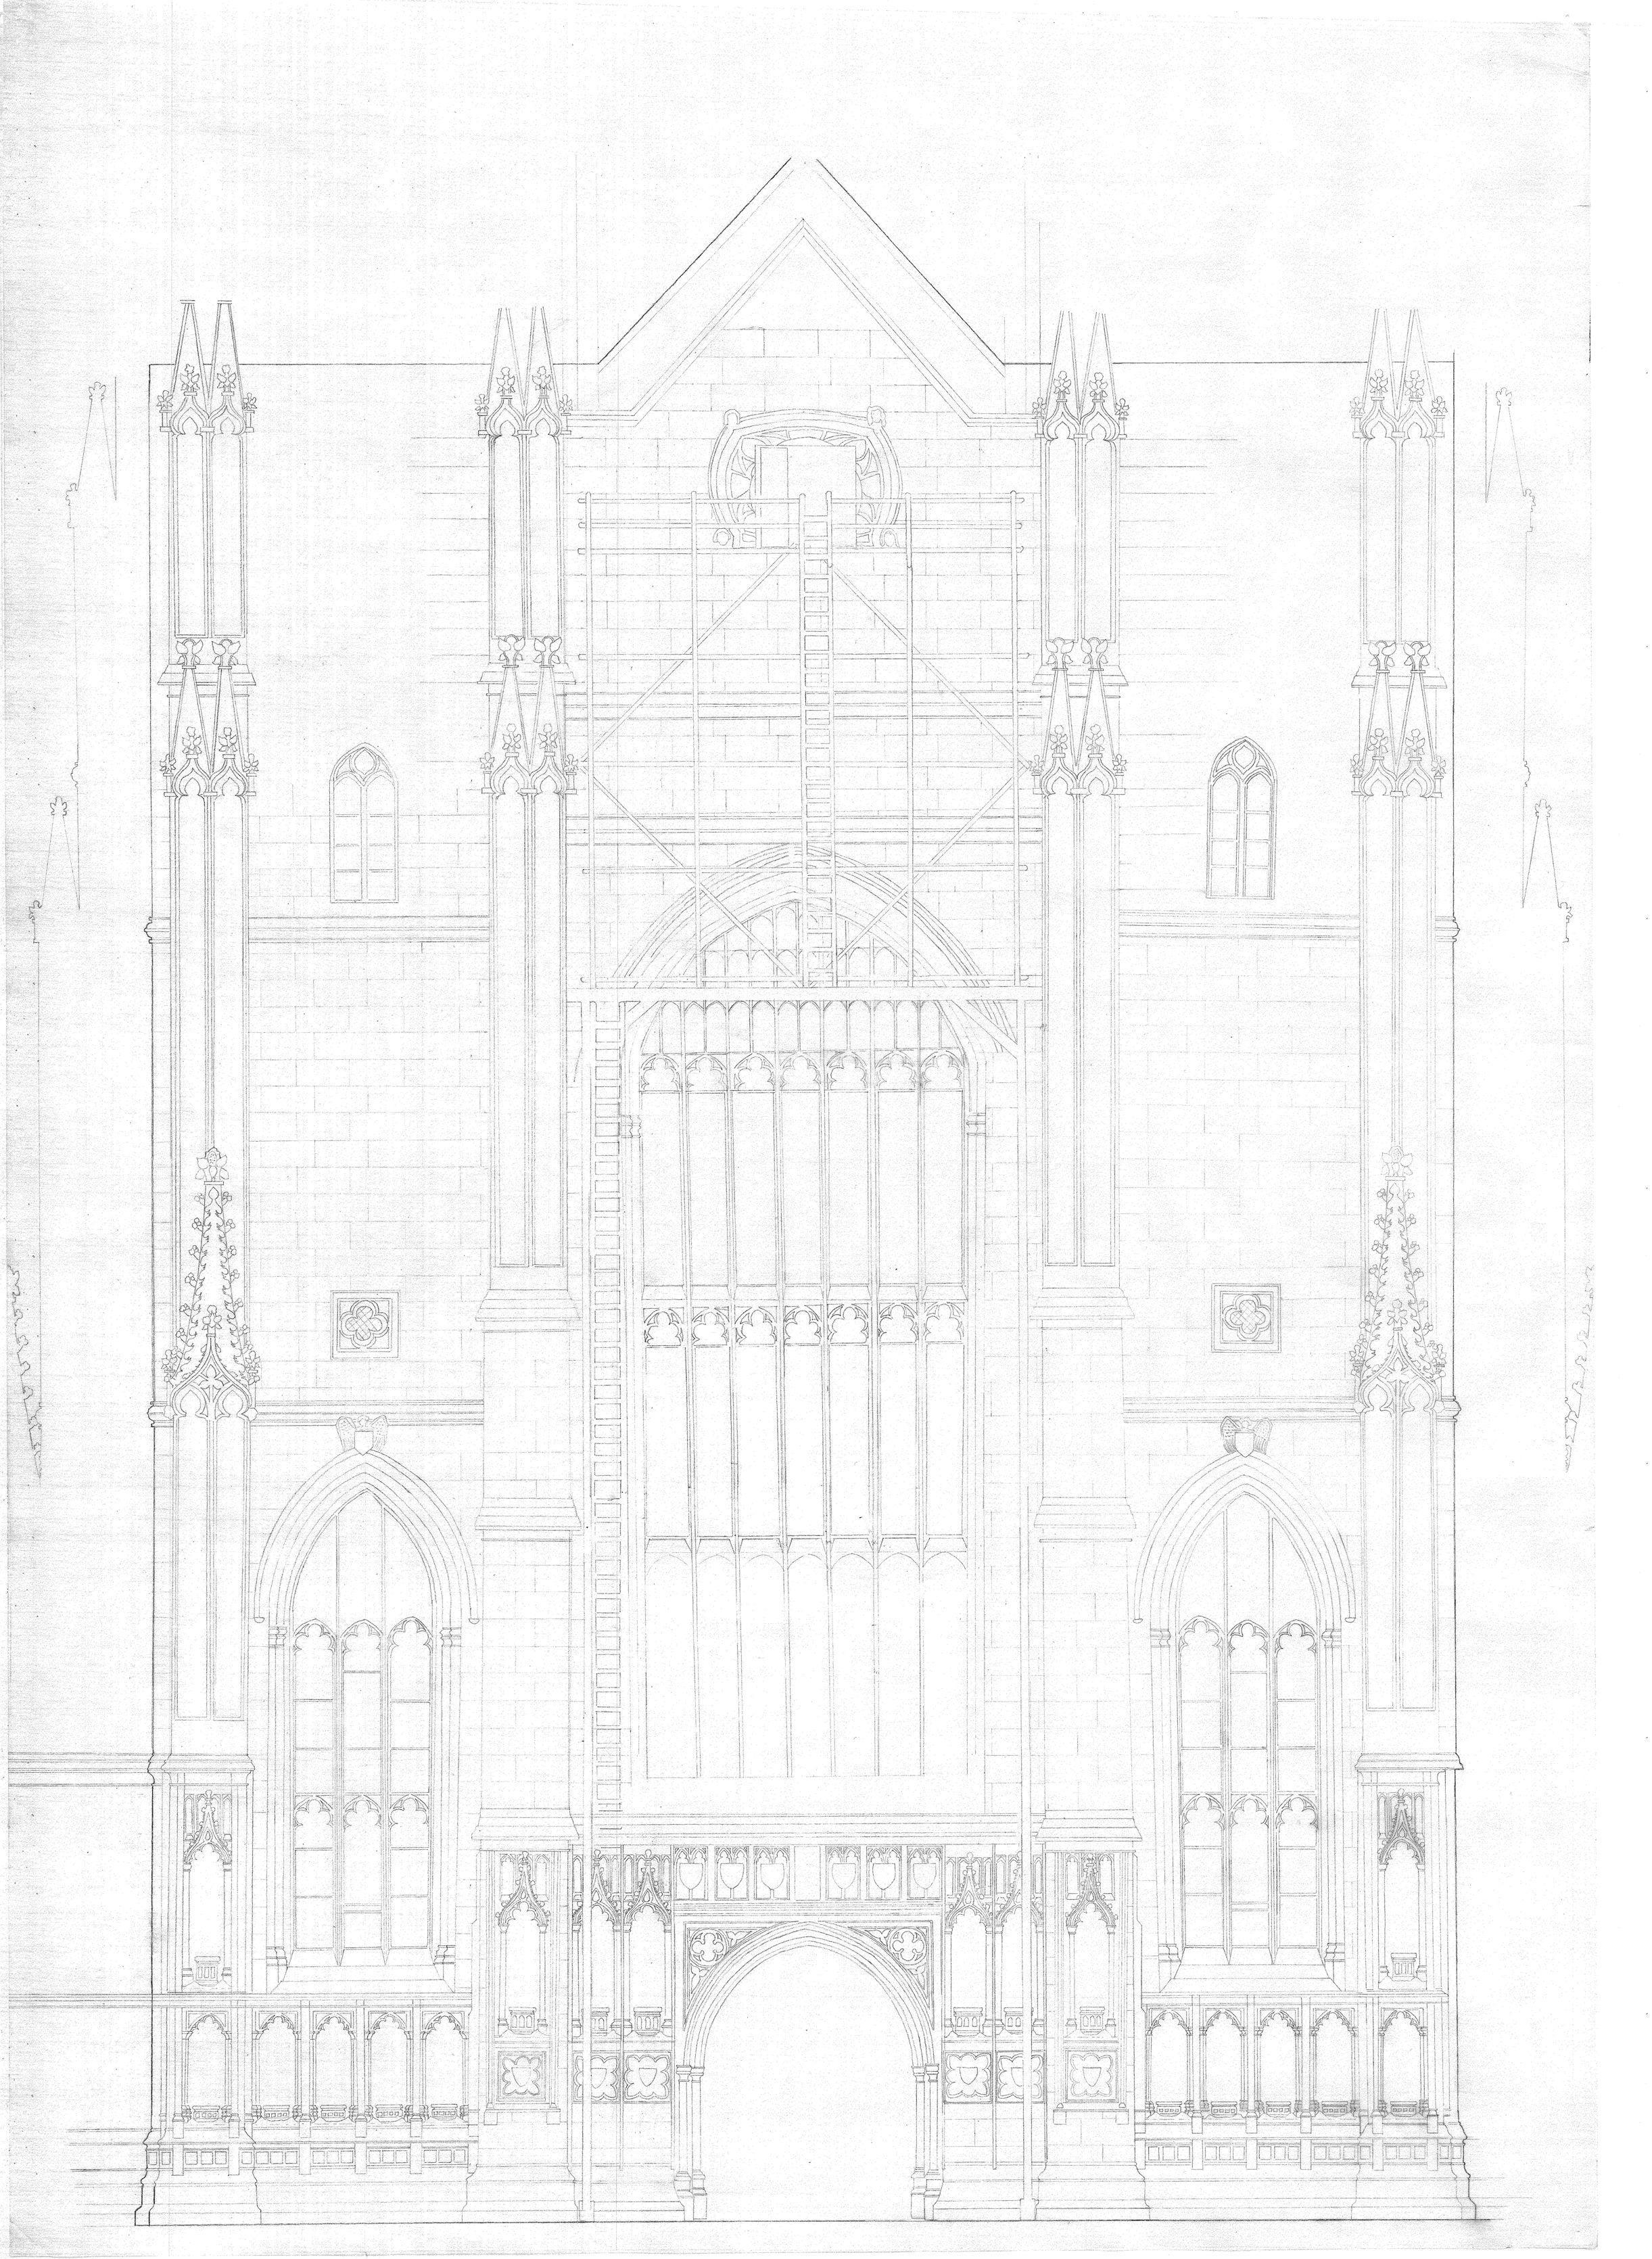 Anna Lonnmarck BA Hons Interior Architecture Design UCA Farnham